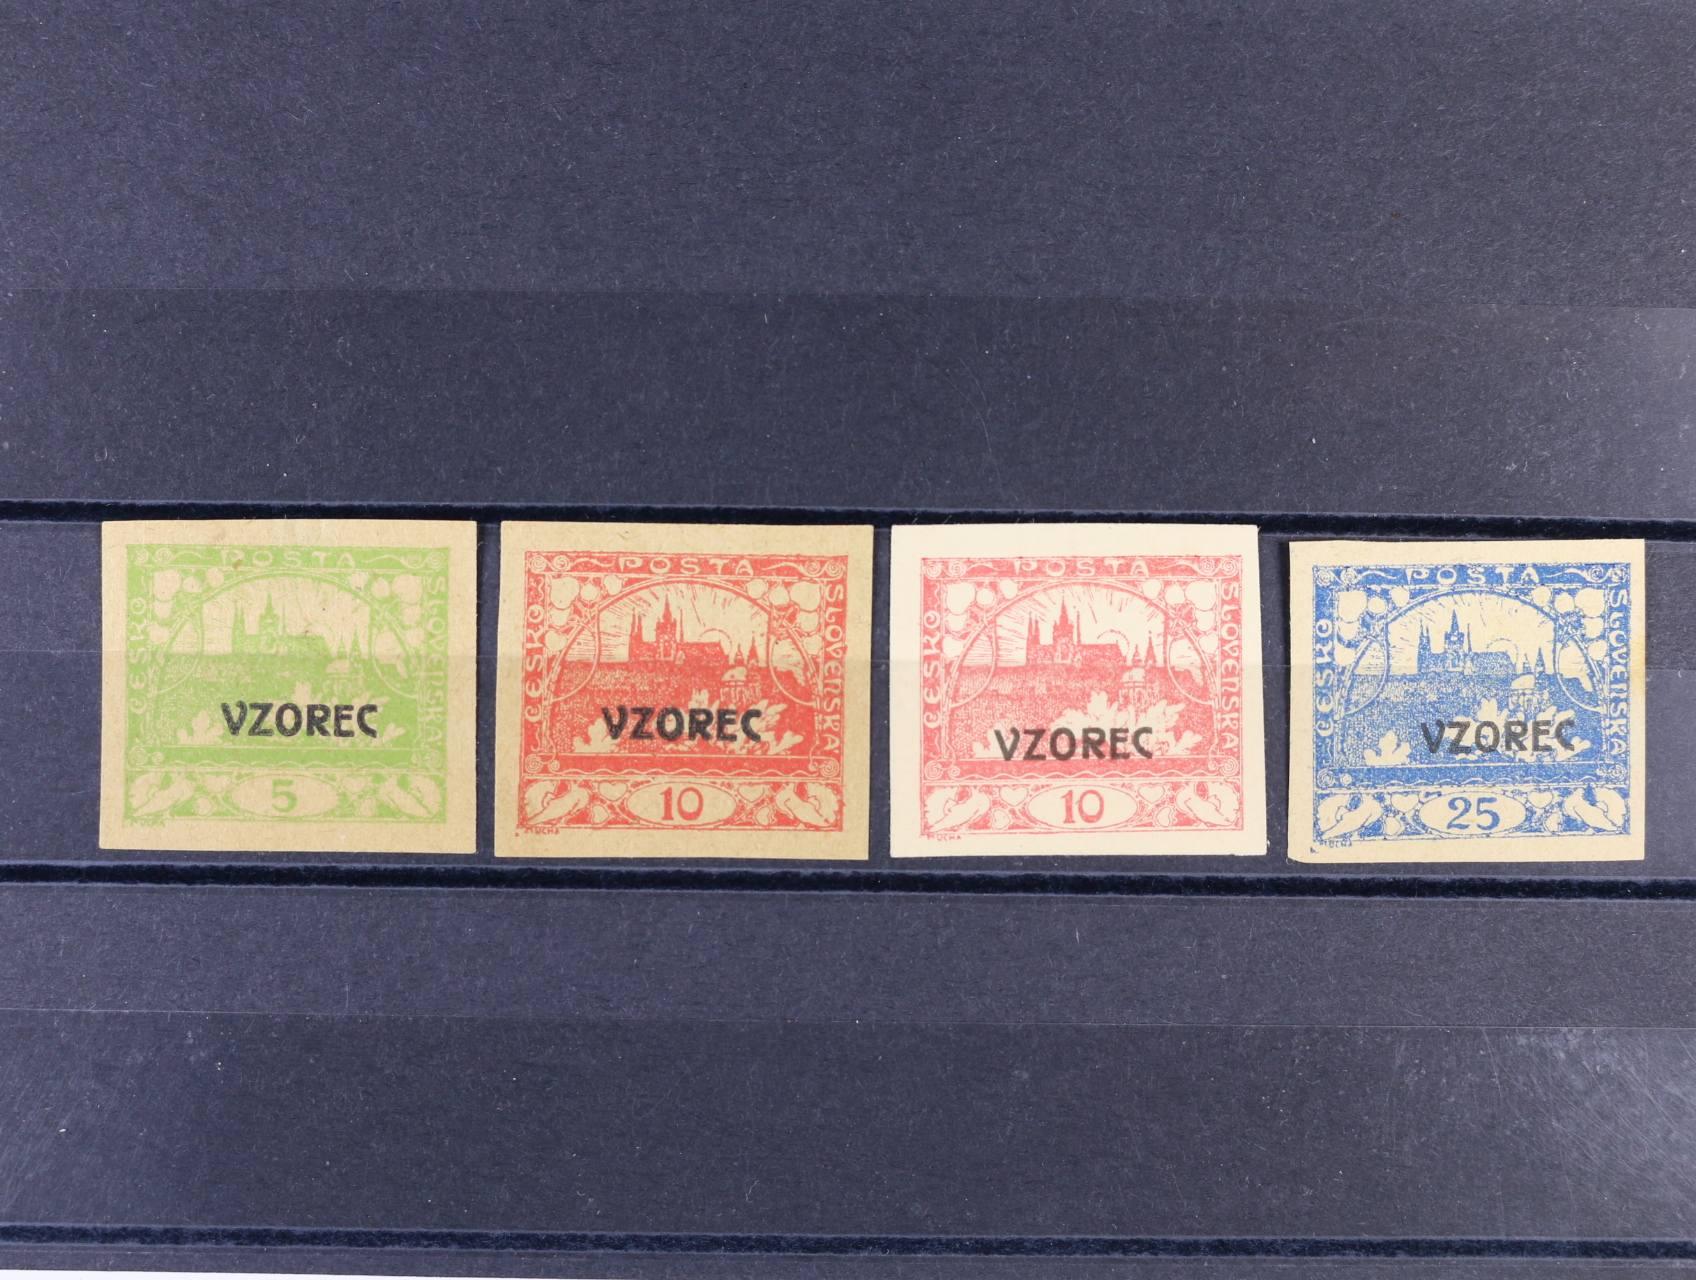 sestava 4 ks ZT s přetiskem VZOREC na nažloutlém, resp. kartonovém papíře, 1x na zn. č. 3, 2x na zn. č. 5, 1x na zn. č. 10, 3x zk. Štolfa